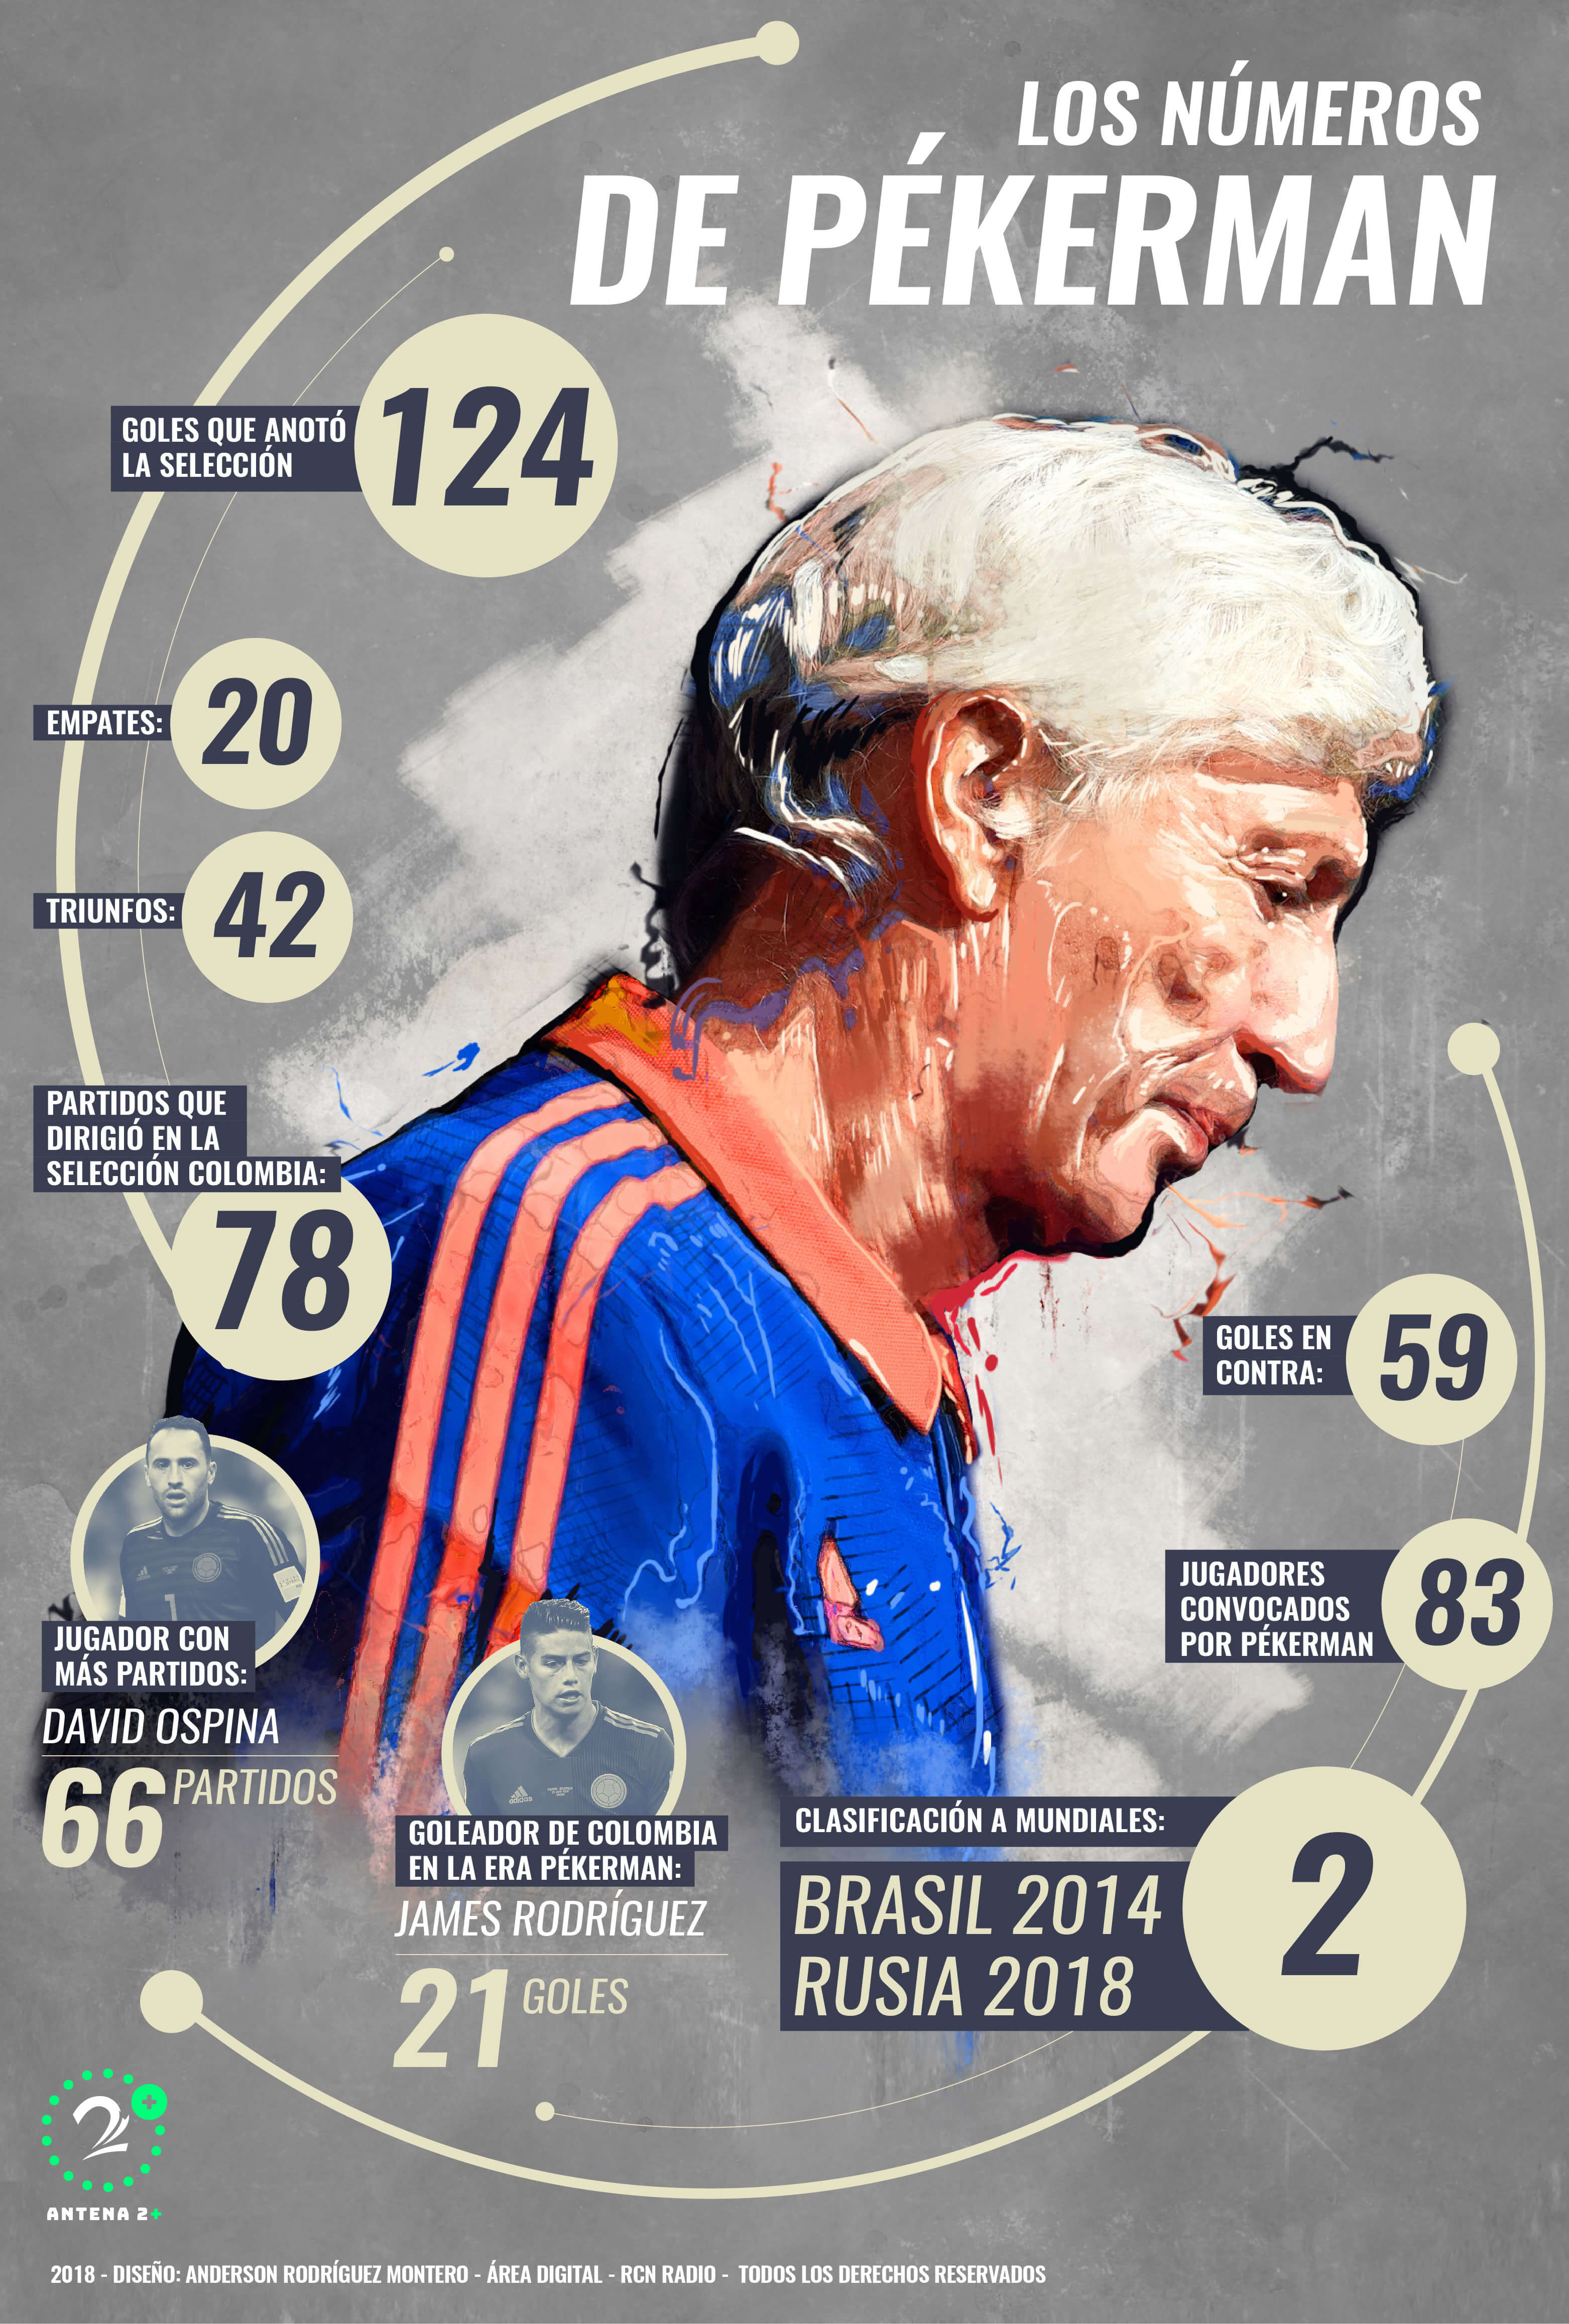 José Pékerman y sus números como técnico de la Selección Colombia durante seis años